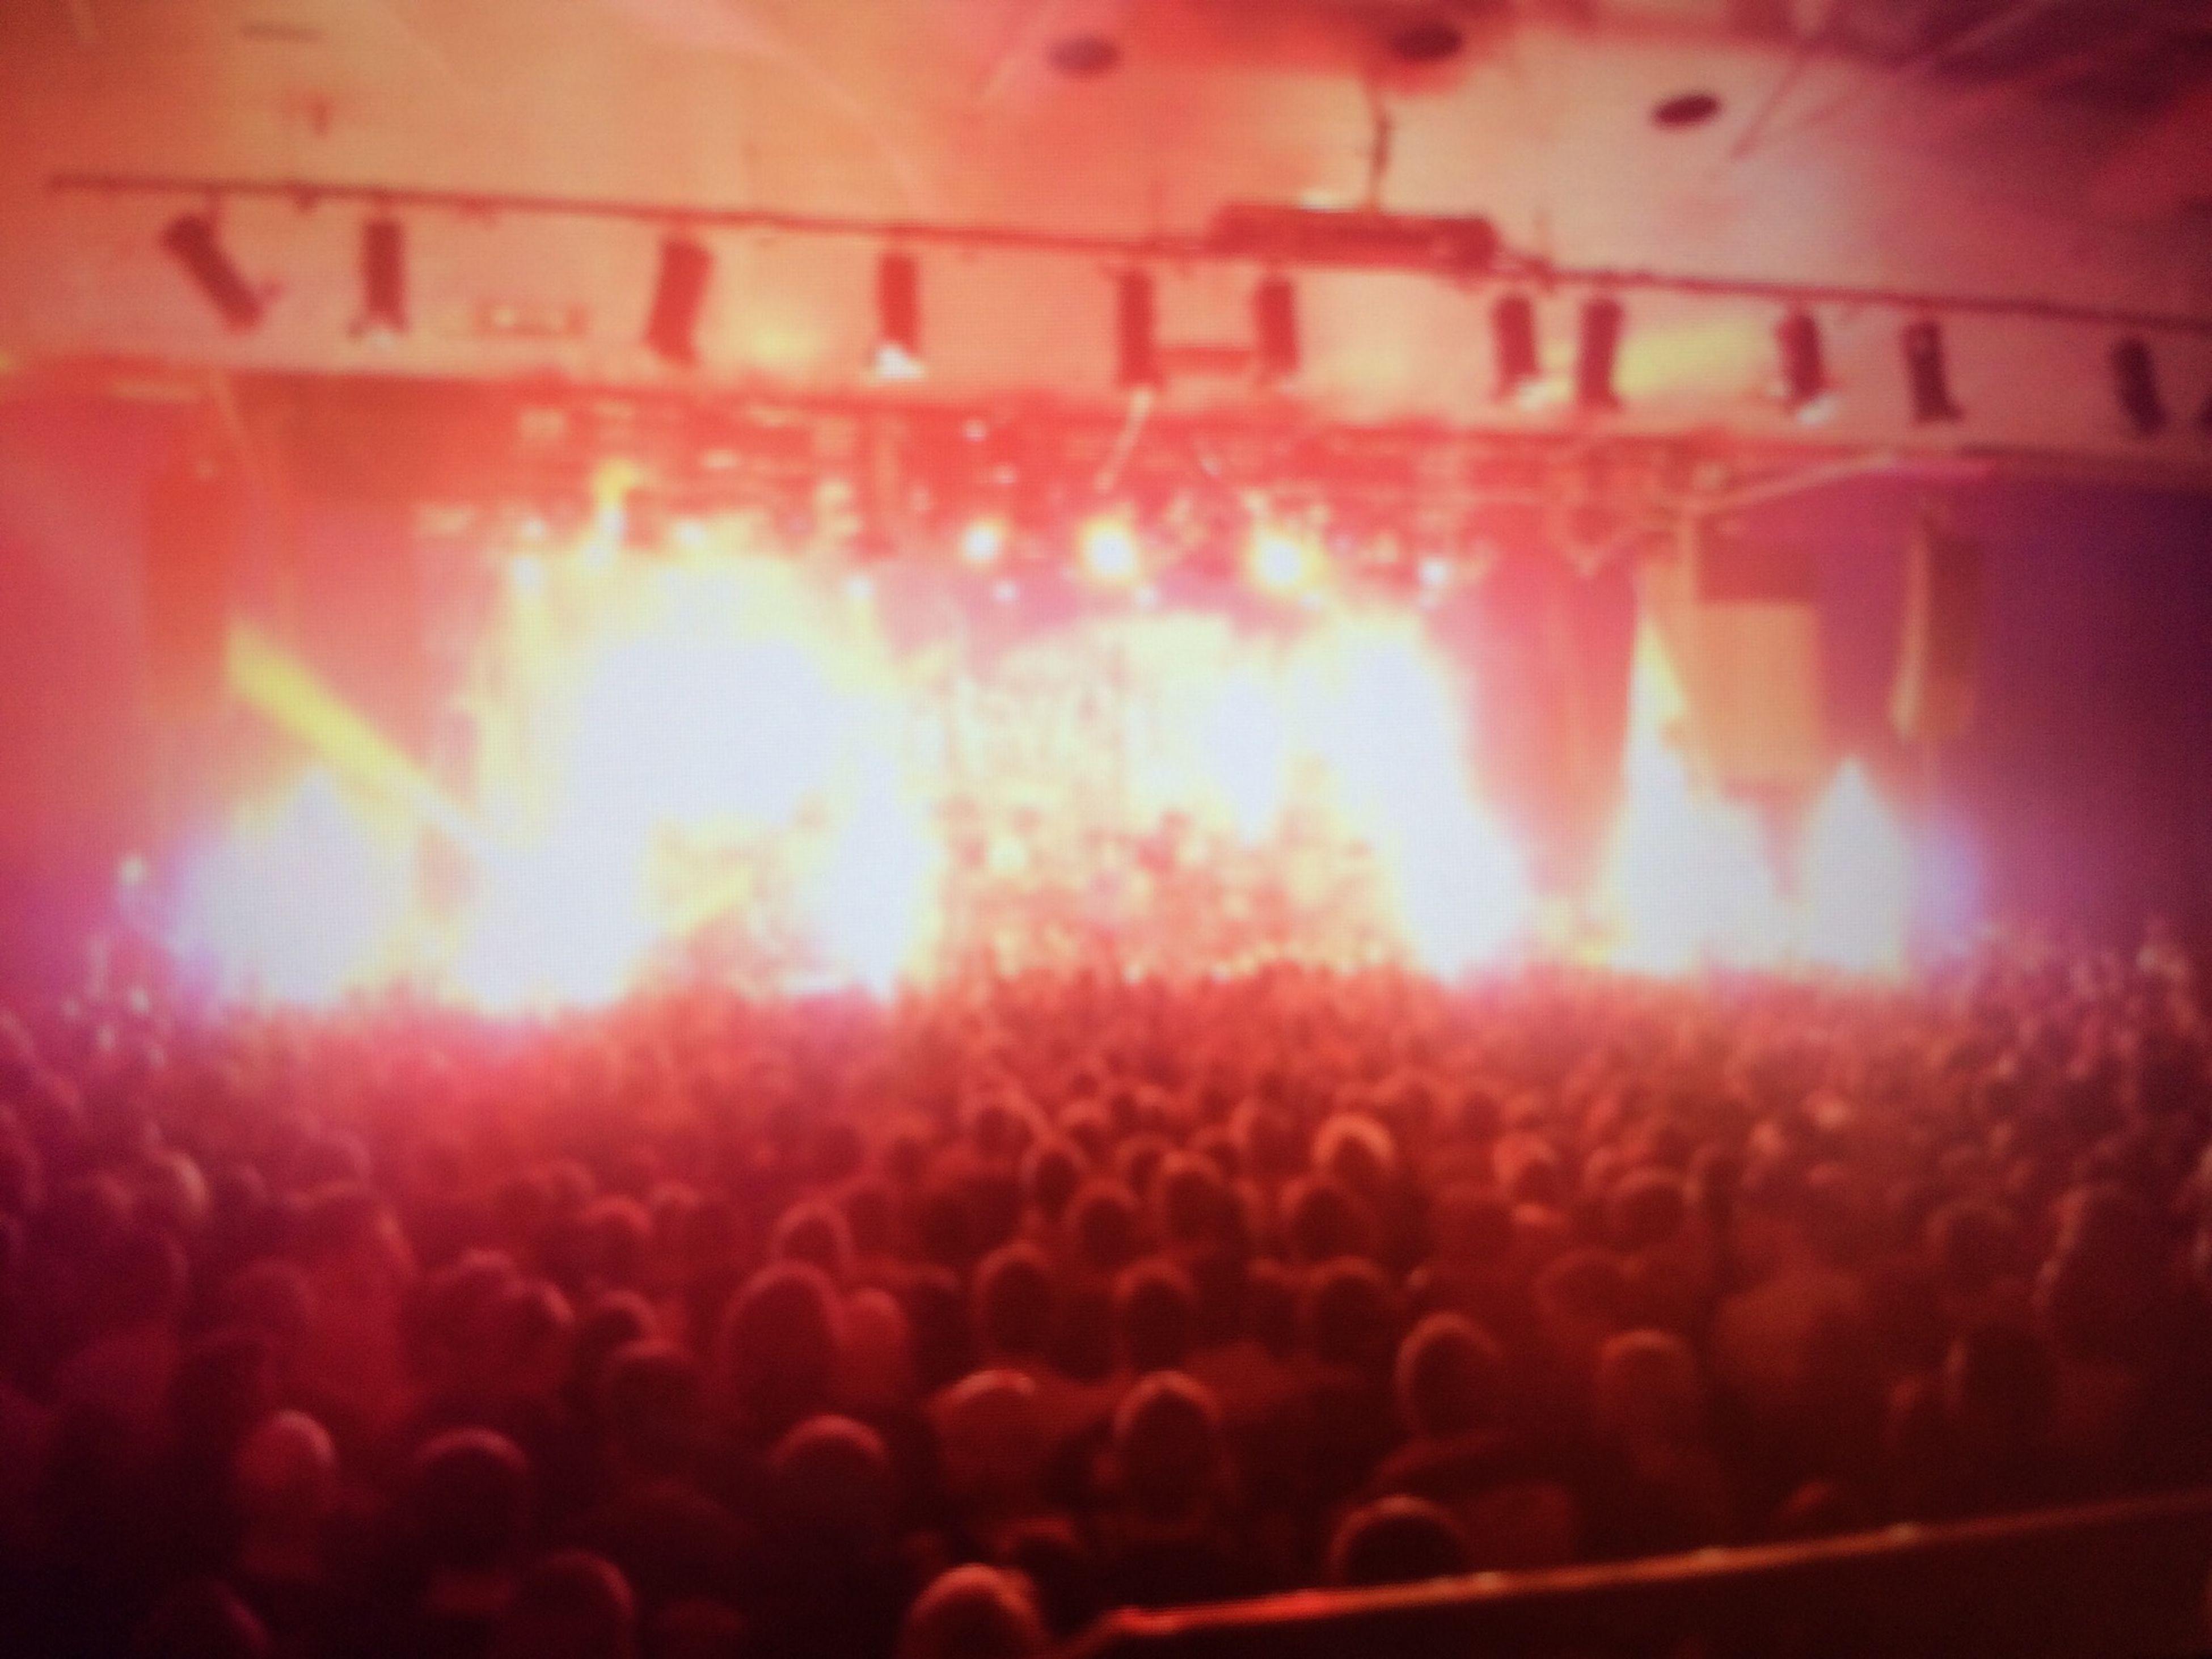 Heaven Shall Burn Metal Moshing Nice Day Check This Out